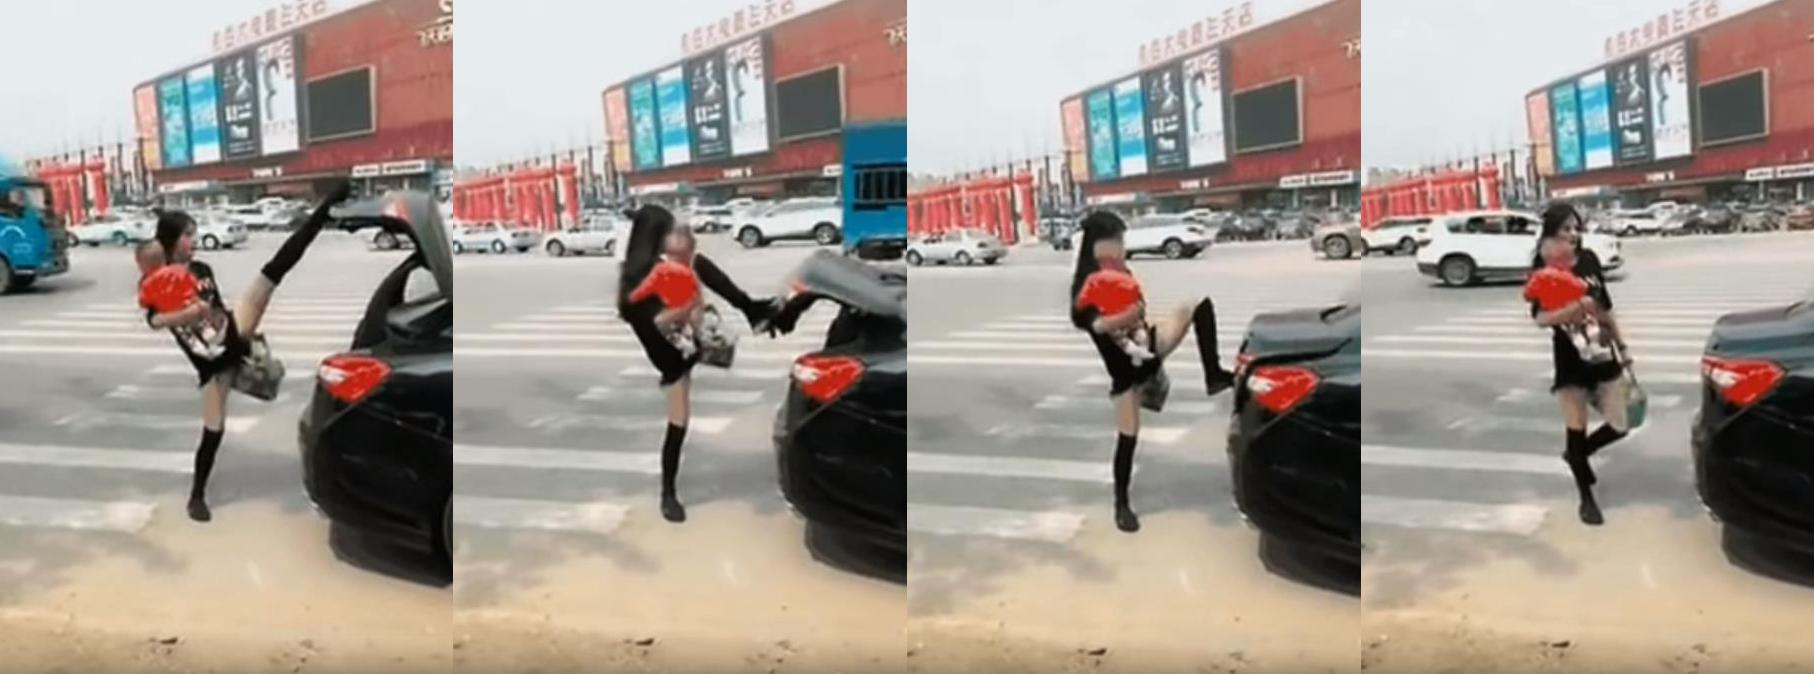 辣媽「一字馬」關車尾箱(視頻截圖)